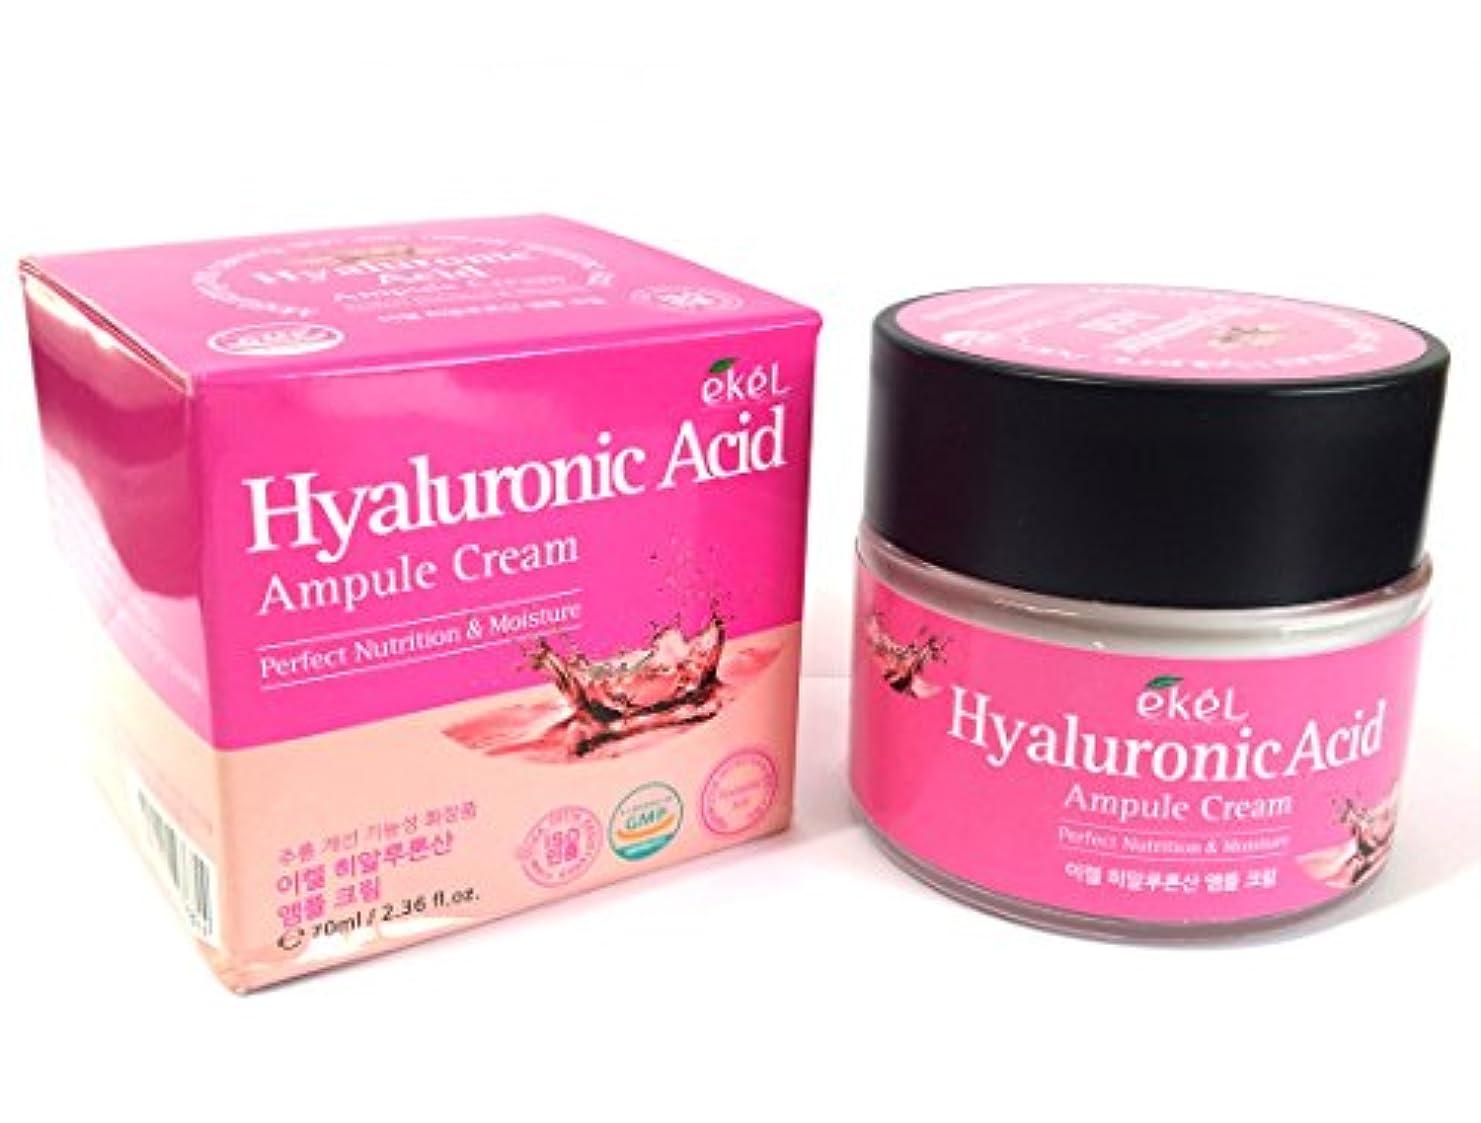 チョップ配偶者曲げる[EKEL] ヒアルロン酸アンプルクリーム70ml / 完璧な栄養と水分 / 韓国化粧品/ Hyaluronic Acid Ampule Cream 70ml / Perfect Nutrition & Moisture...